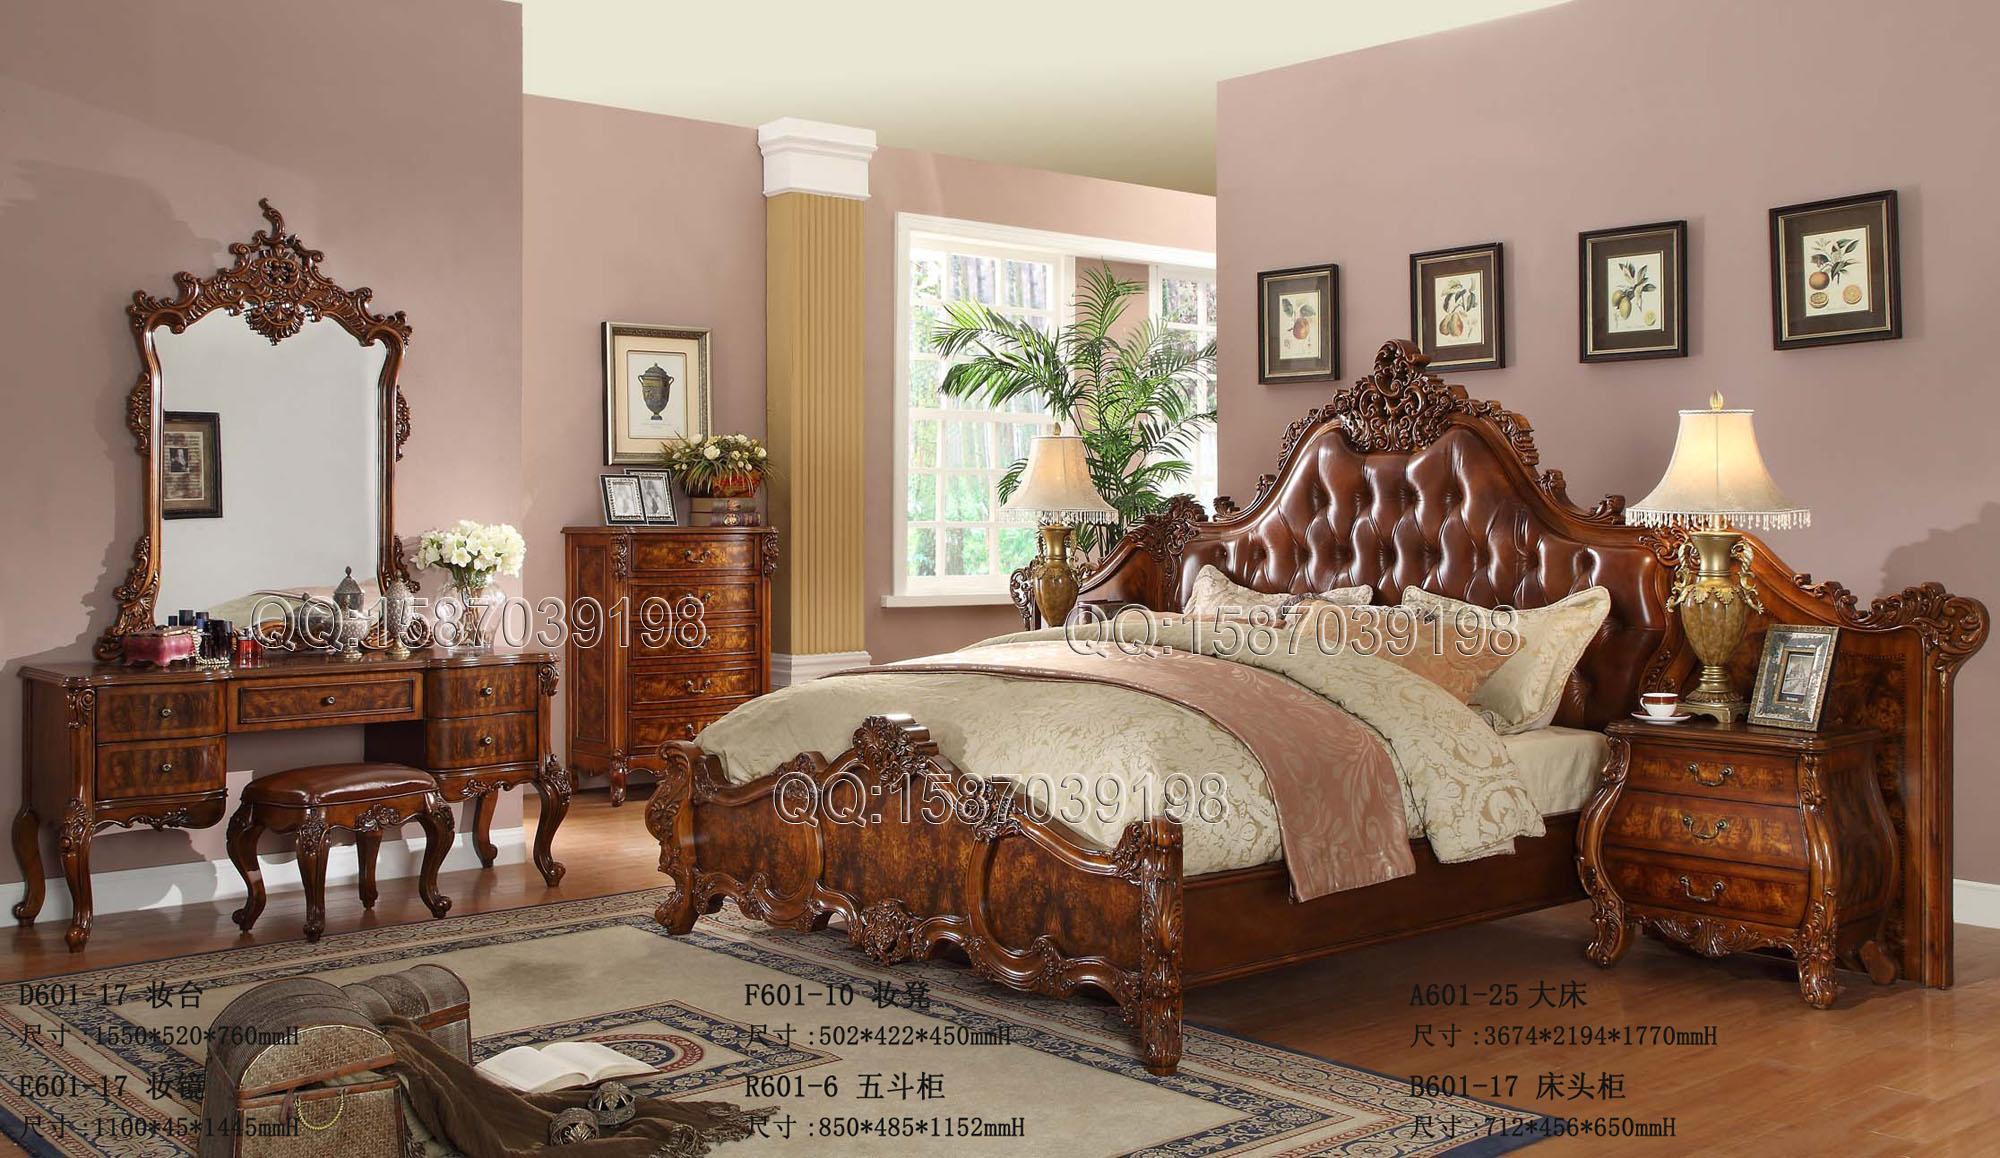 Мебель для гостиниц   FW811-25